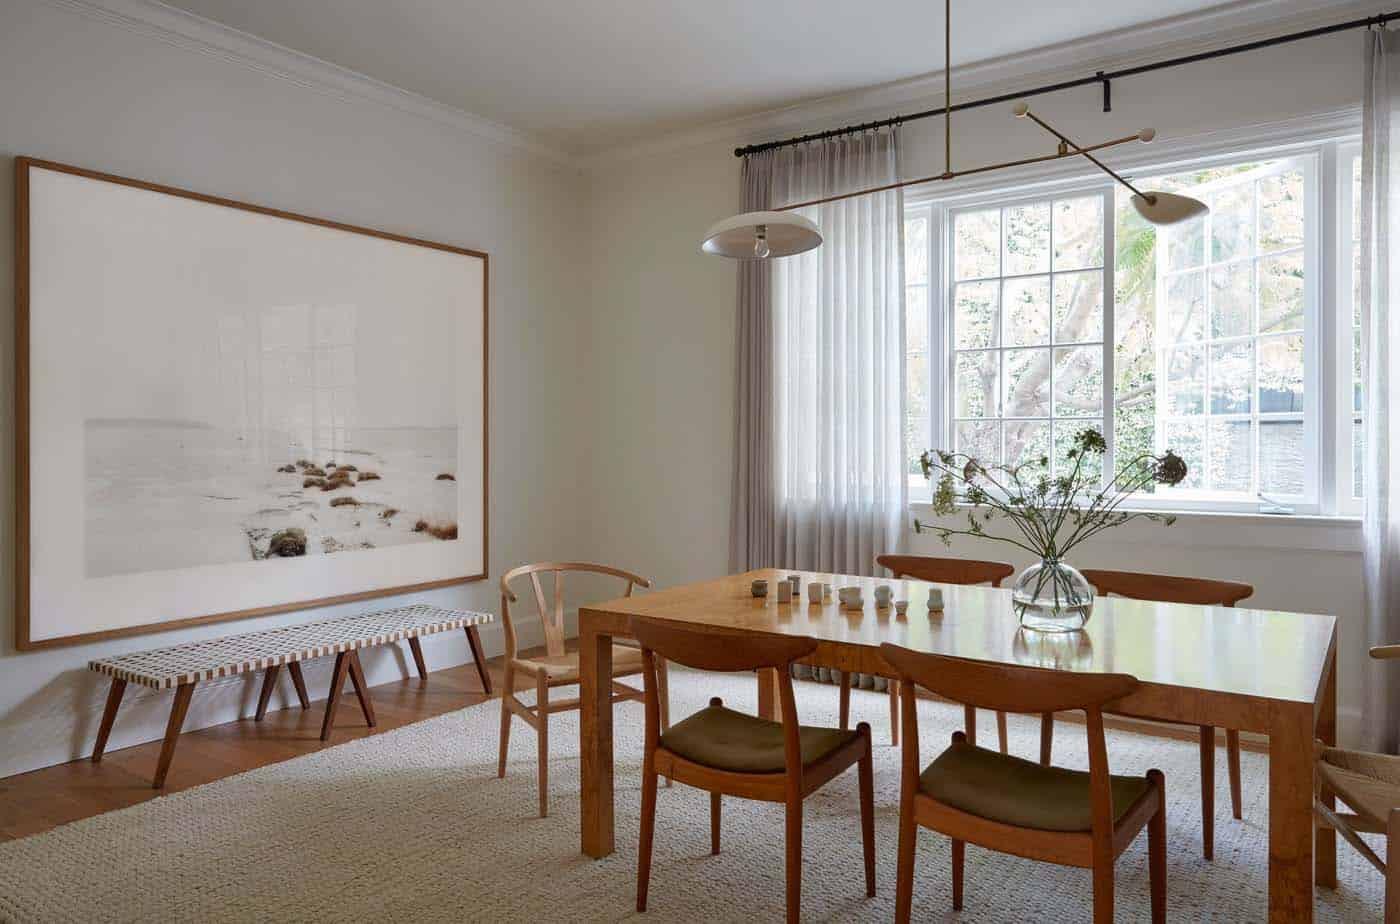 Rénovation d'une ferme historique-Ken Linsteadt Architects-09-1 Kindesign